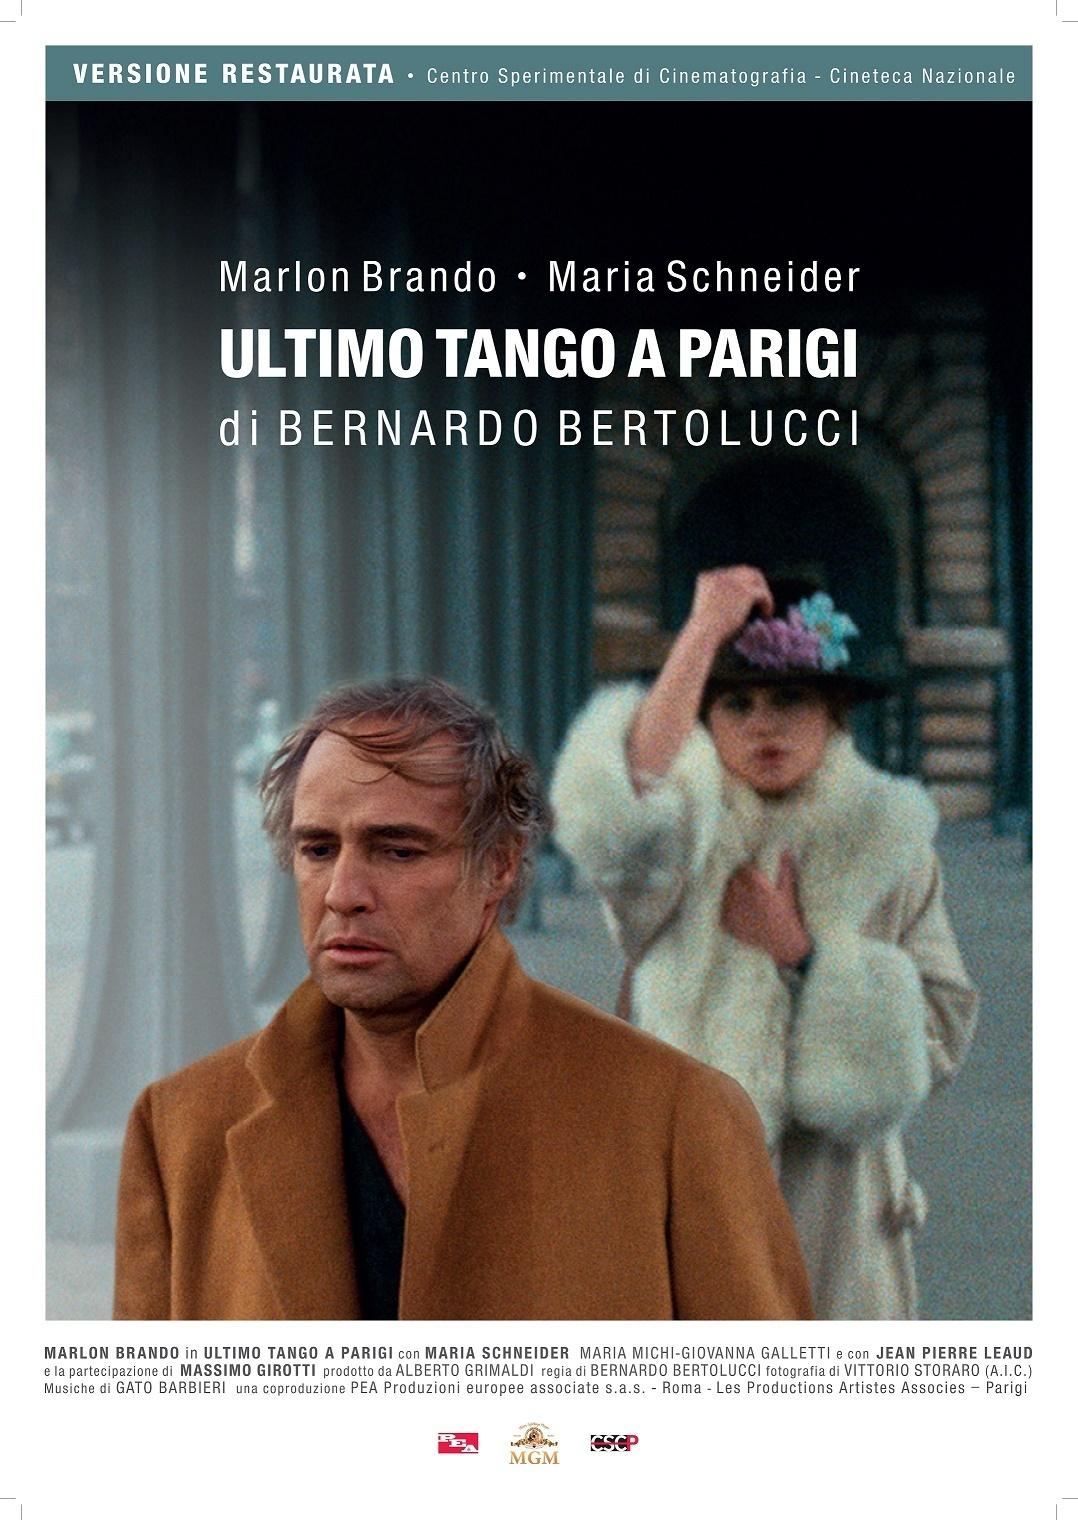 Ultimo tango a Parigi (Remastered): trama e cast @ ScreenWEEK